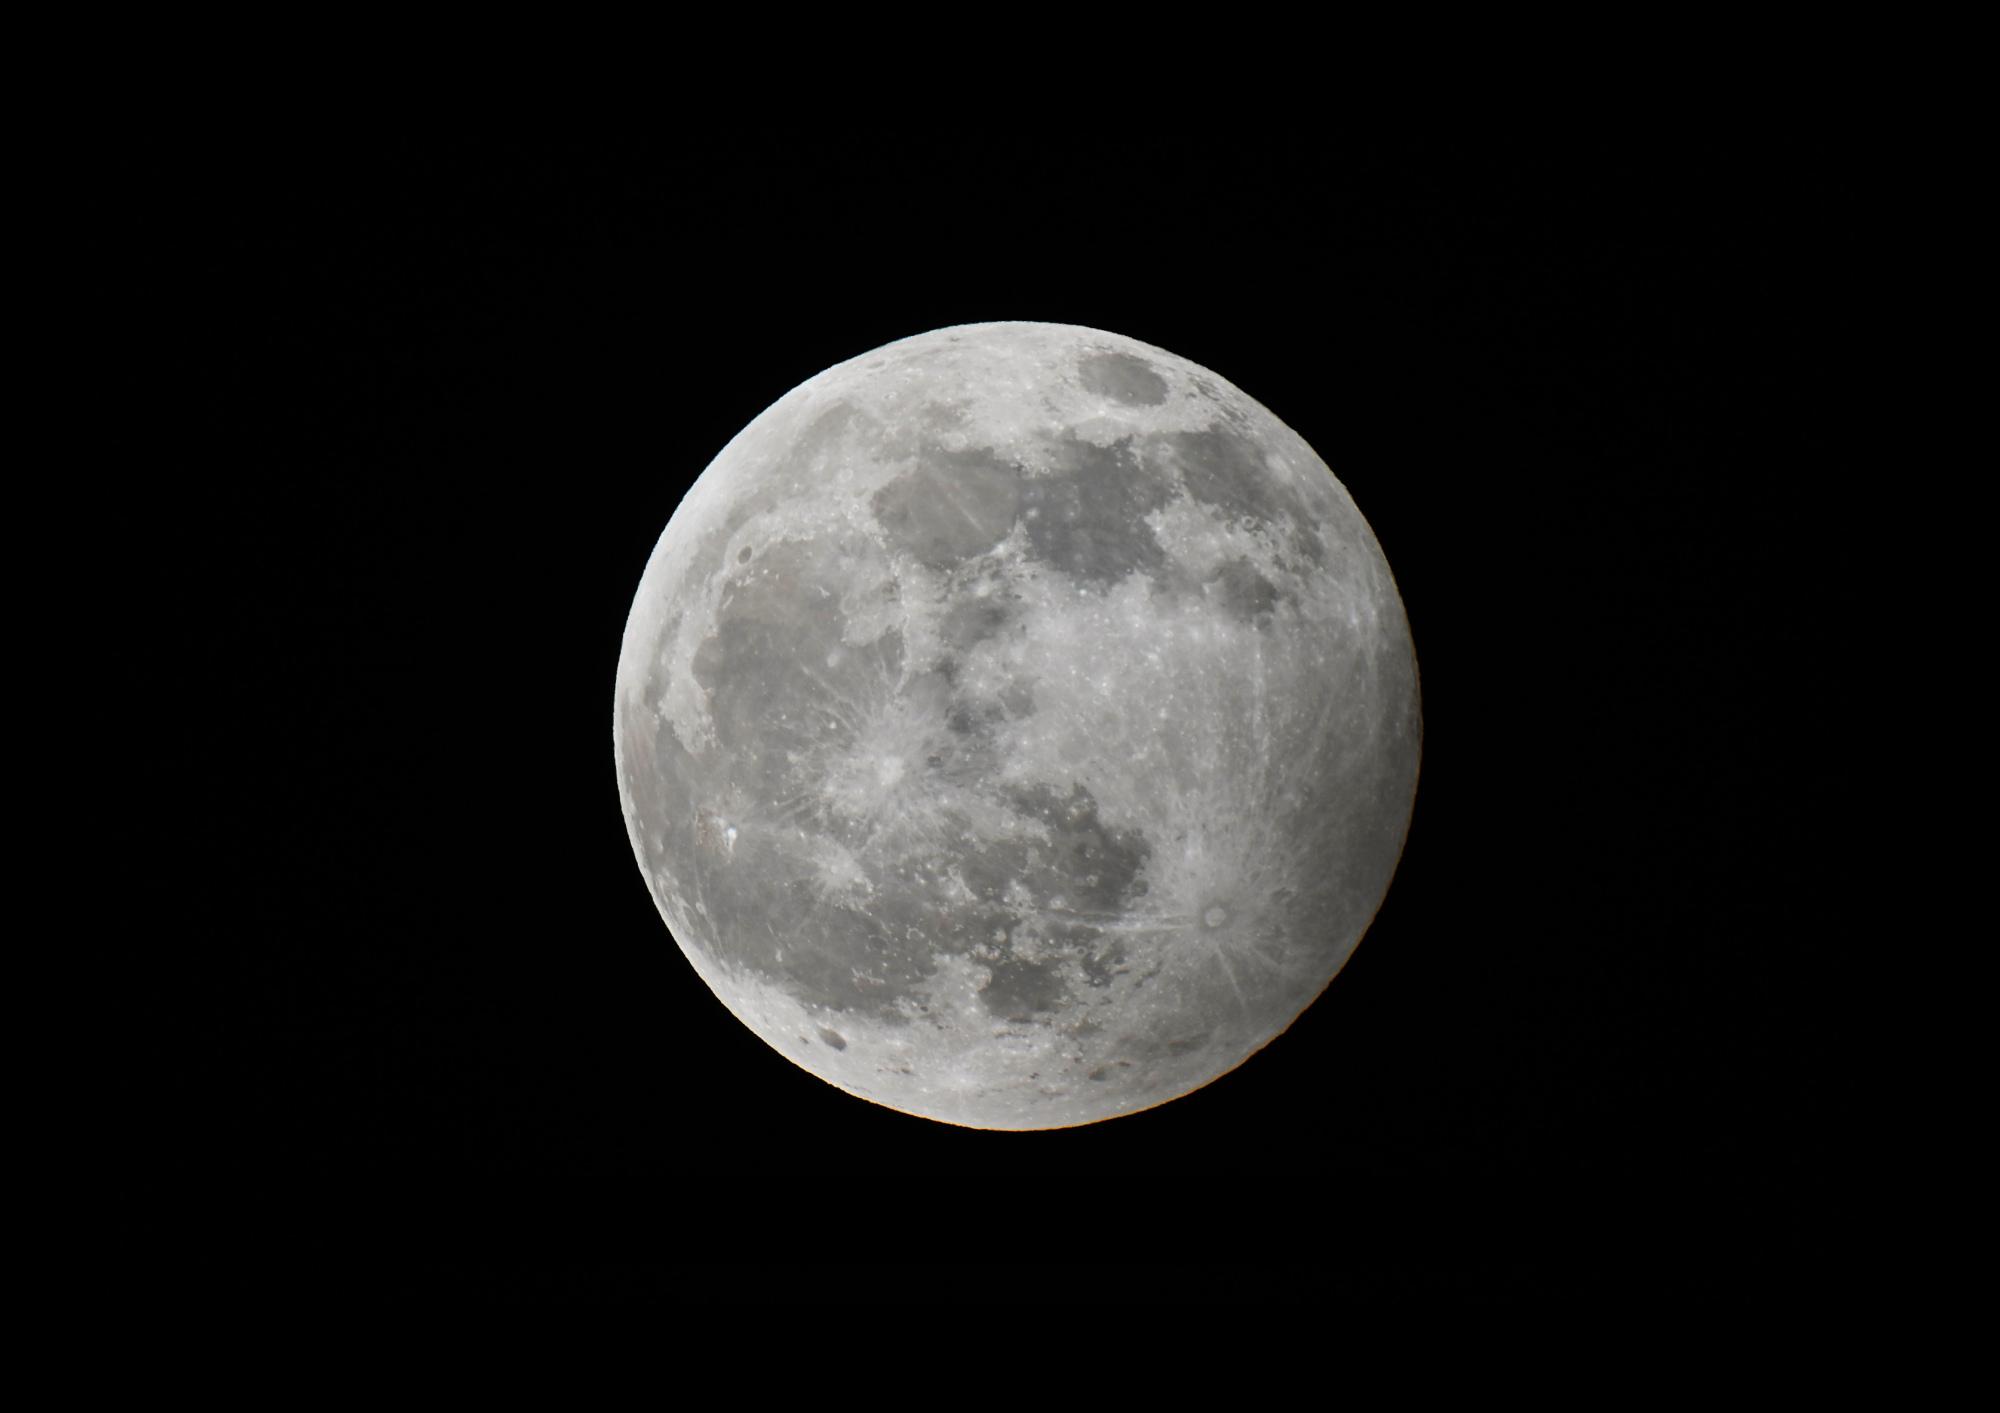 5e18ea1b7c544_lune10jan19b.thumb.jpg.7c22a7e2f1b6aaa0c7d6d01359e87248.jpg